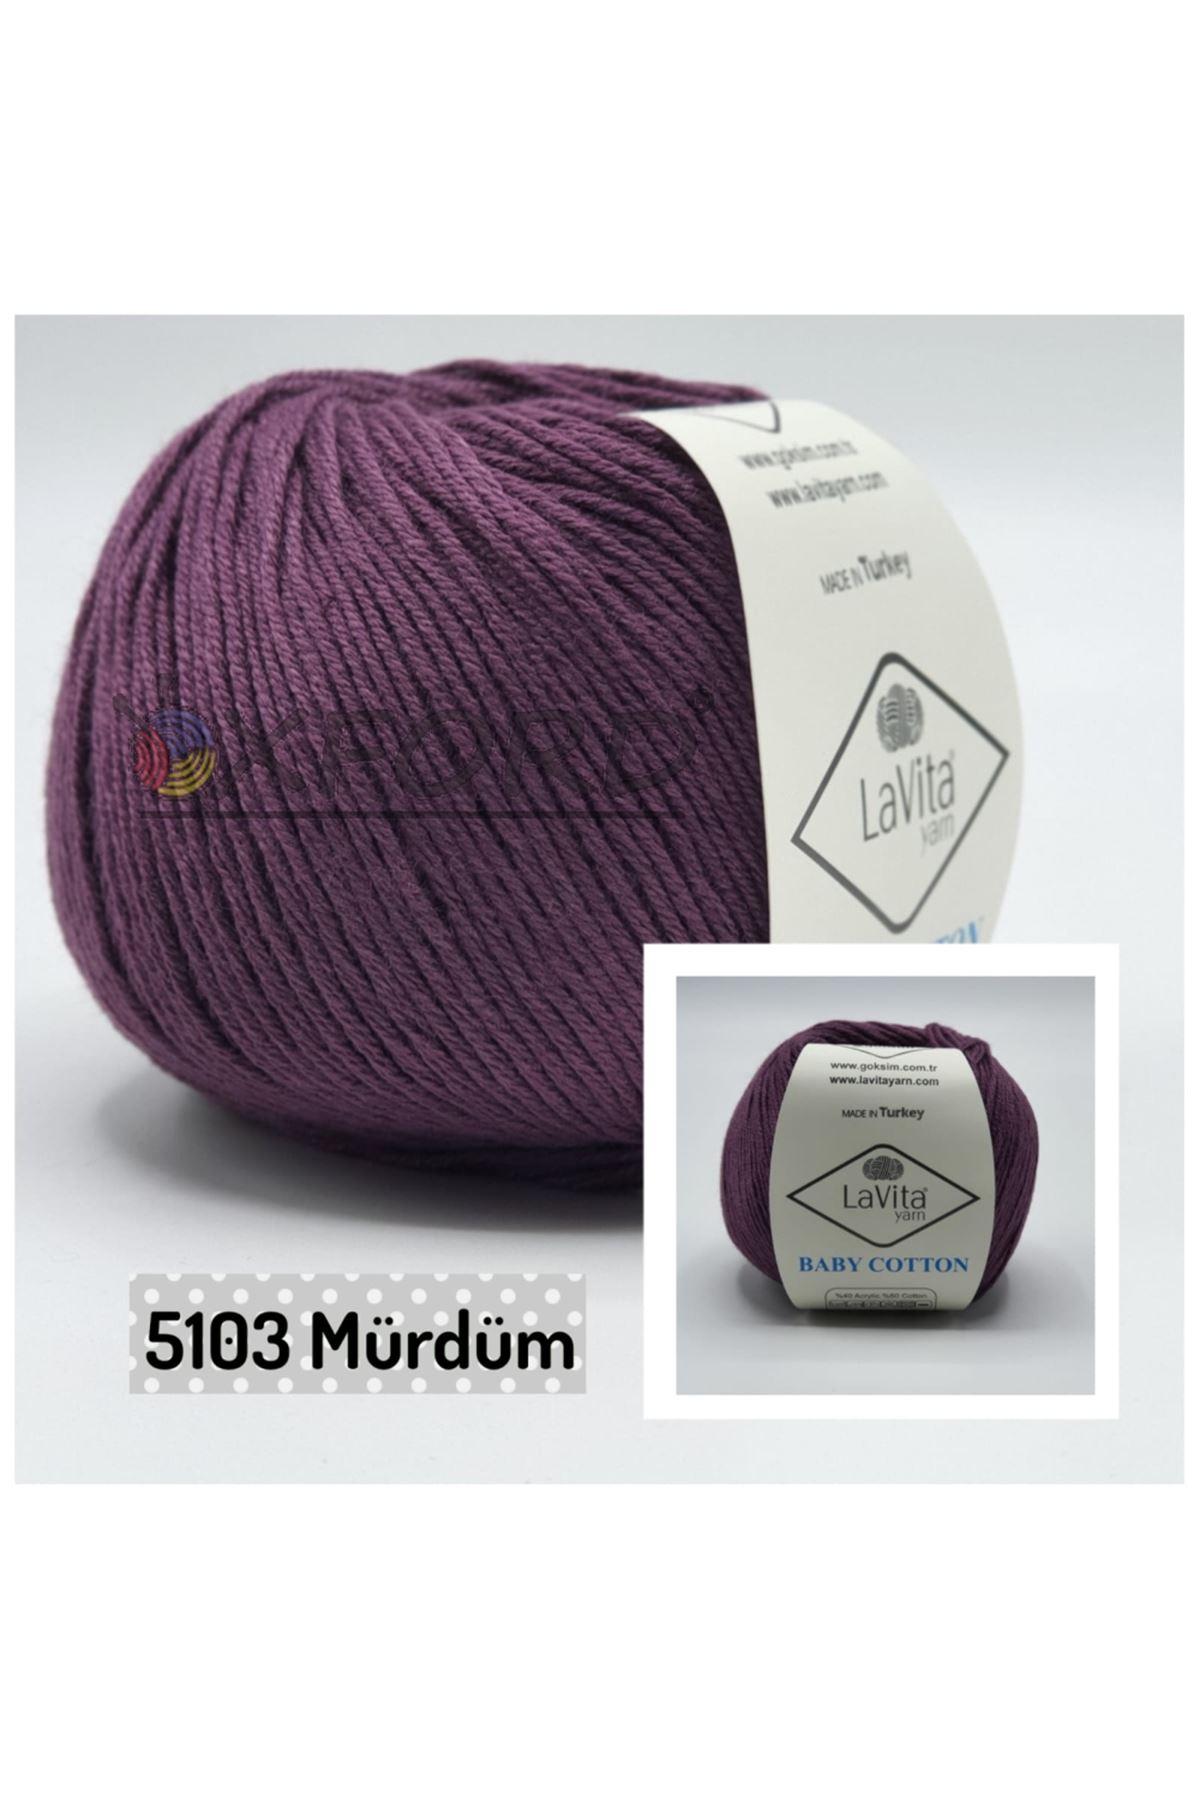 Lavita Baby Cotton 5103 Mürdüm